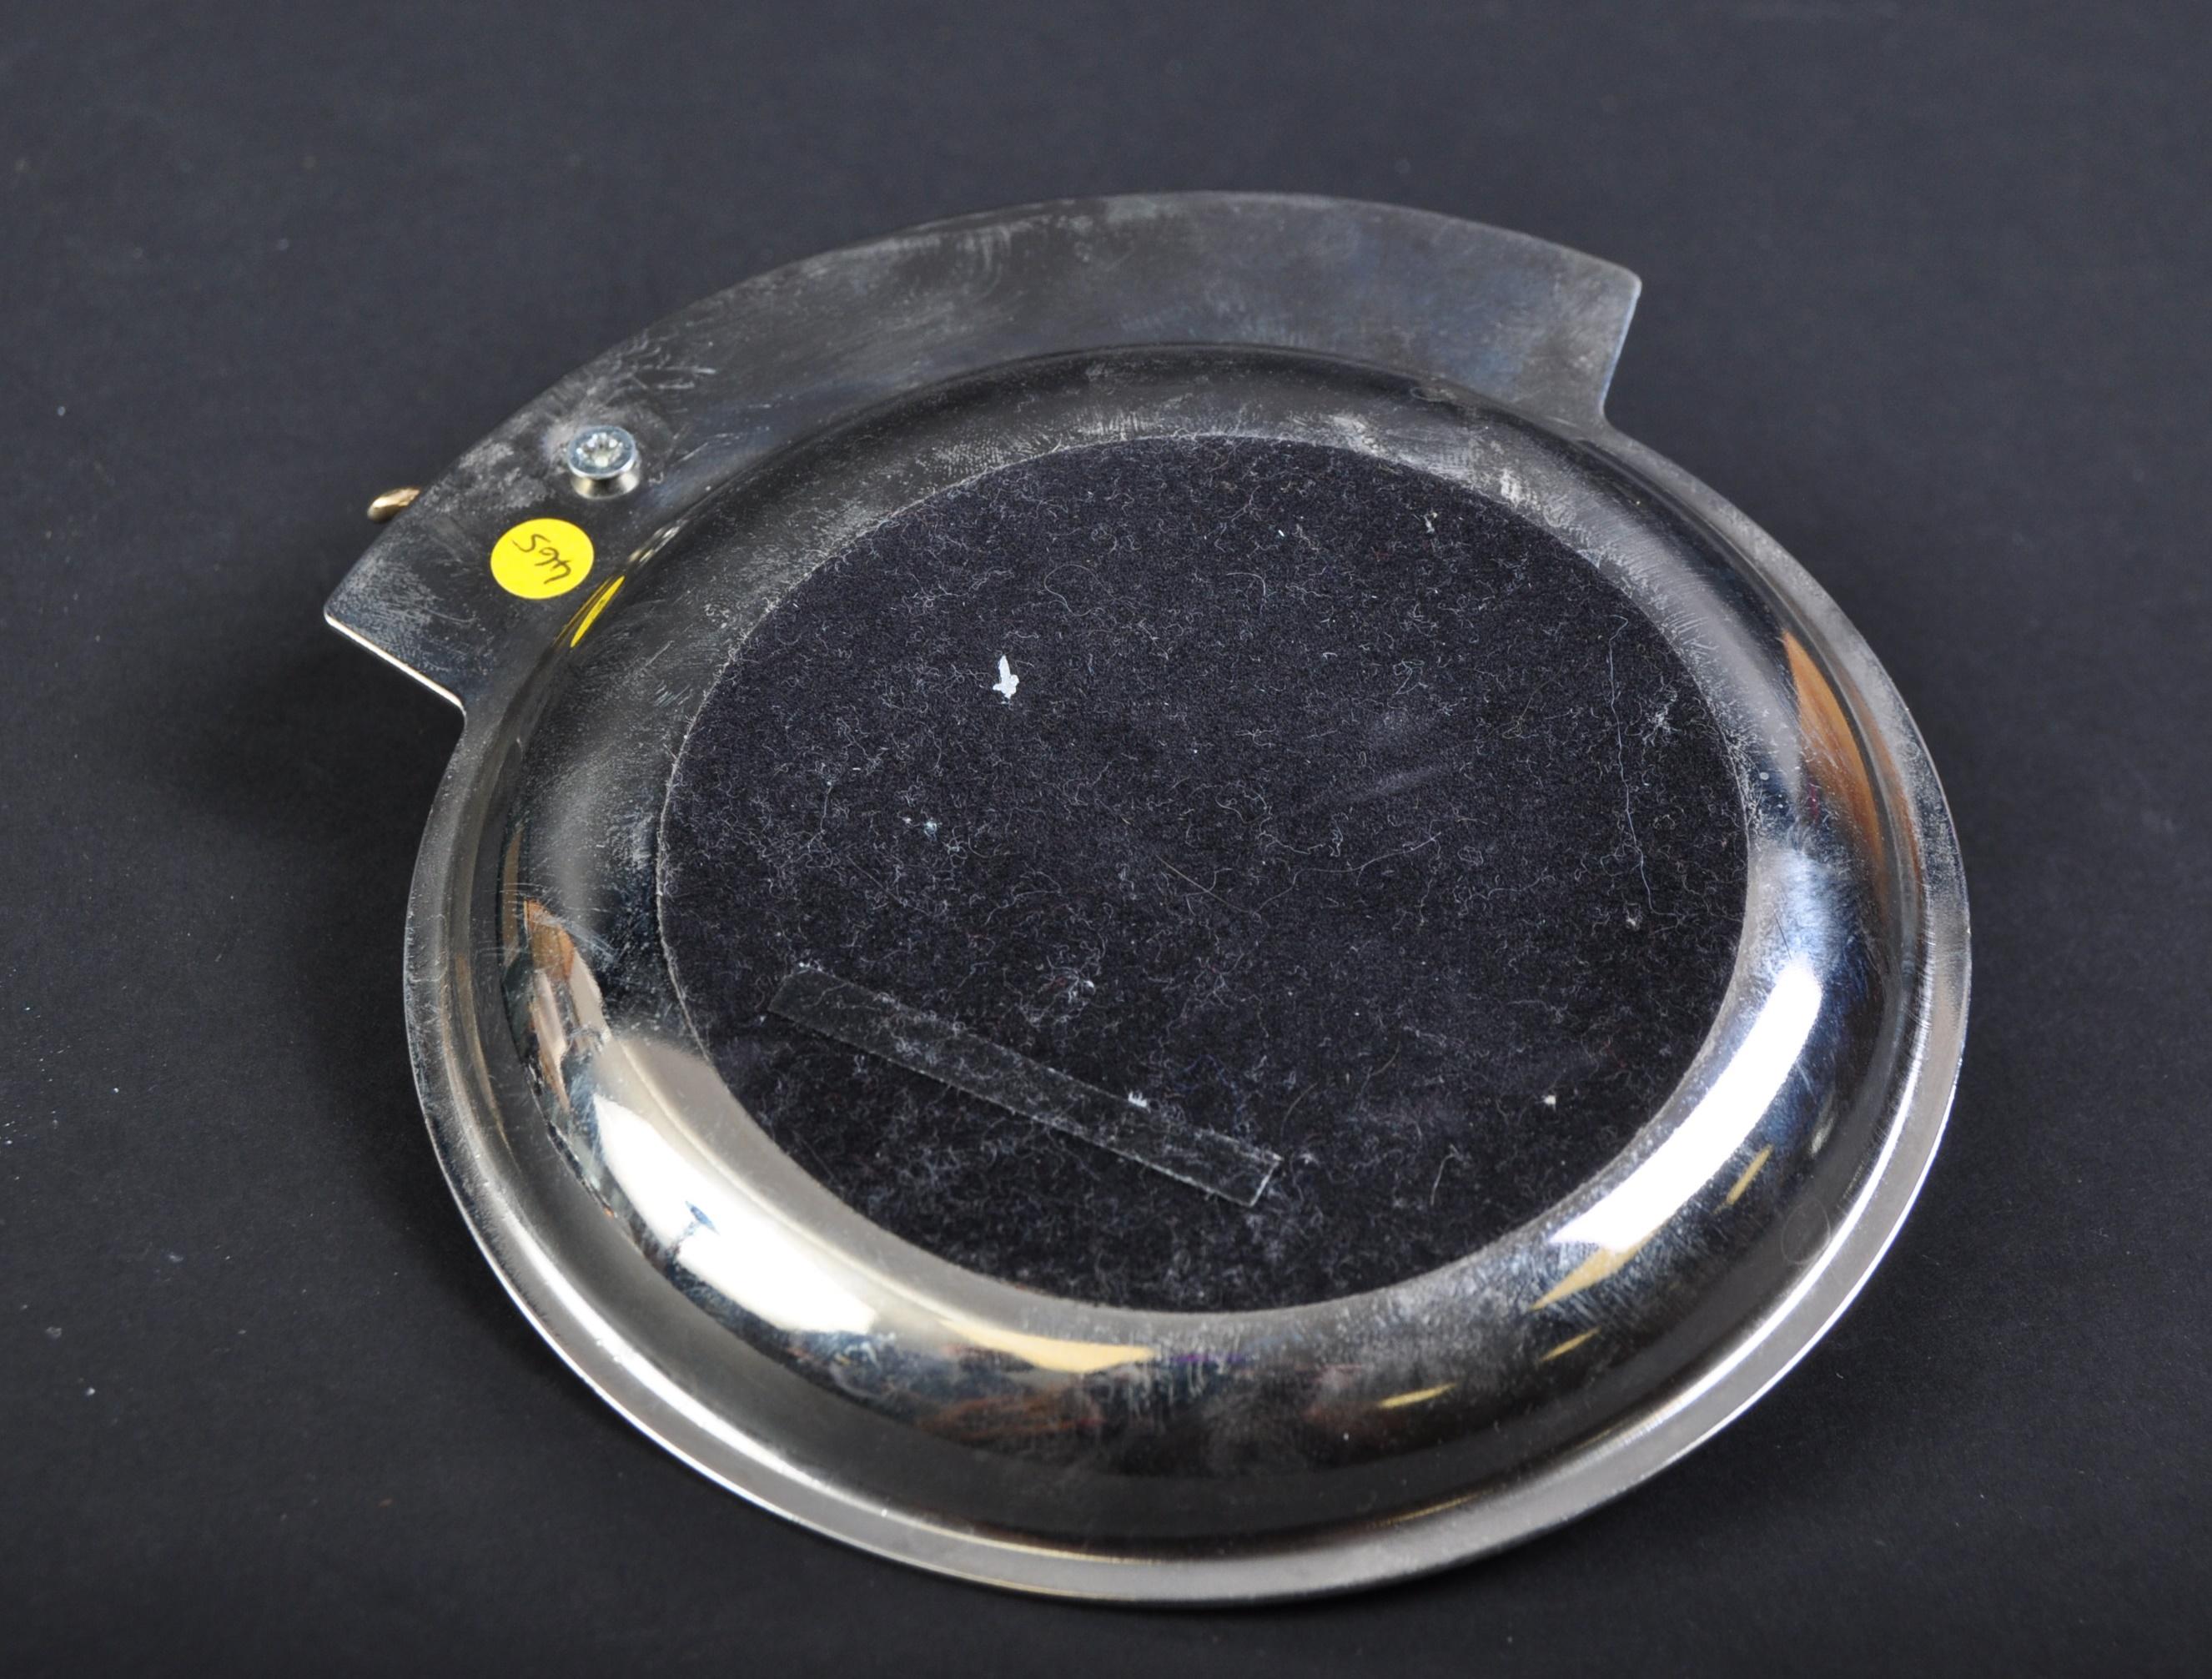 JAGUAR - 20TH CENTURY LEAPER MASCOT TOPPED ASHTRAY - Image 3 of 3